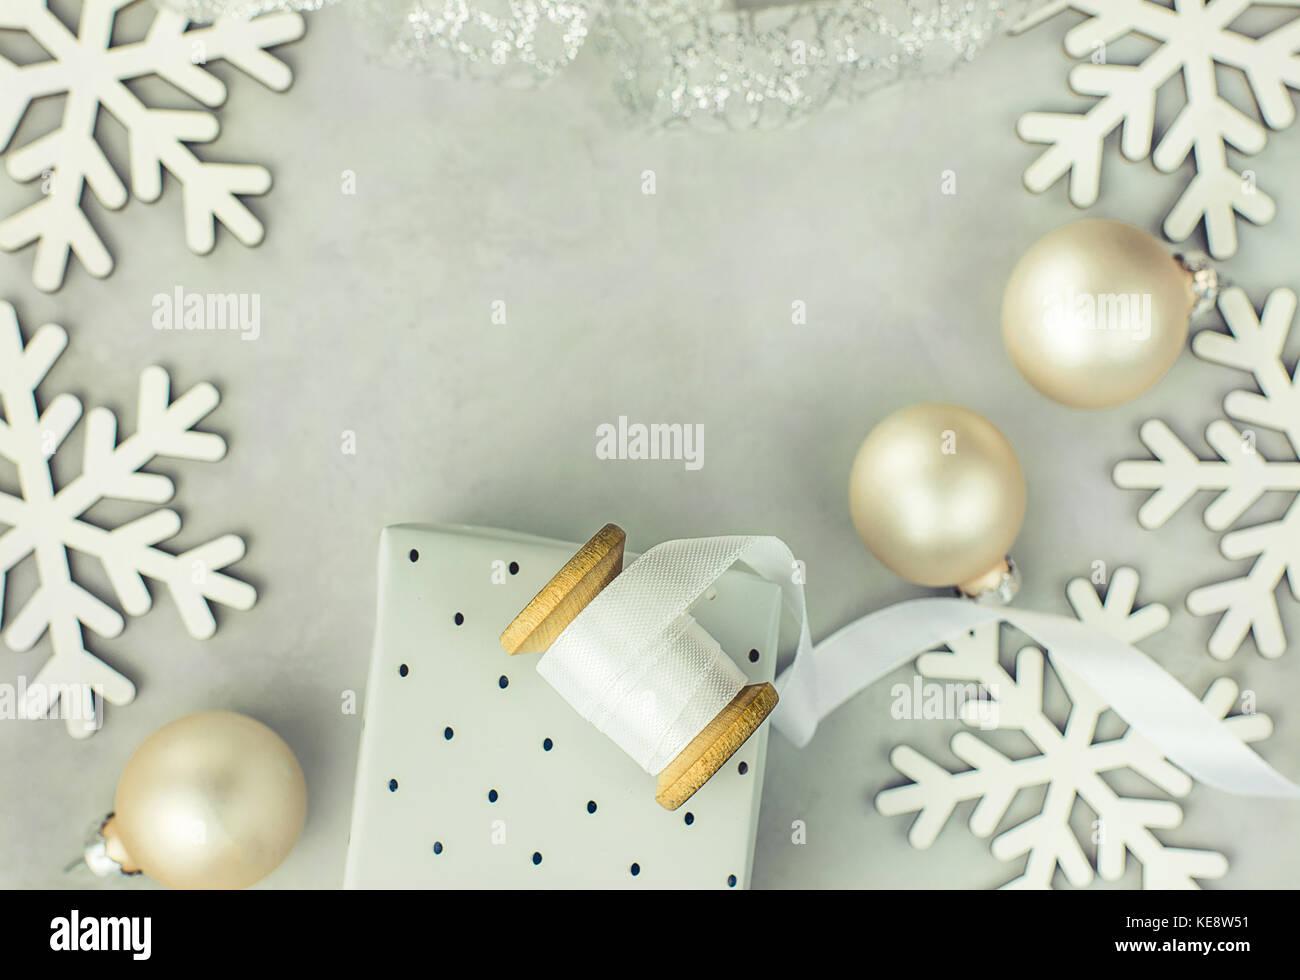 Cajas de regalos envueltos en papel de plata con bobina de madera curvado de seda blanca, bolas de Navidad, copos Imagen De Stock